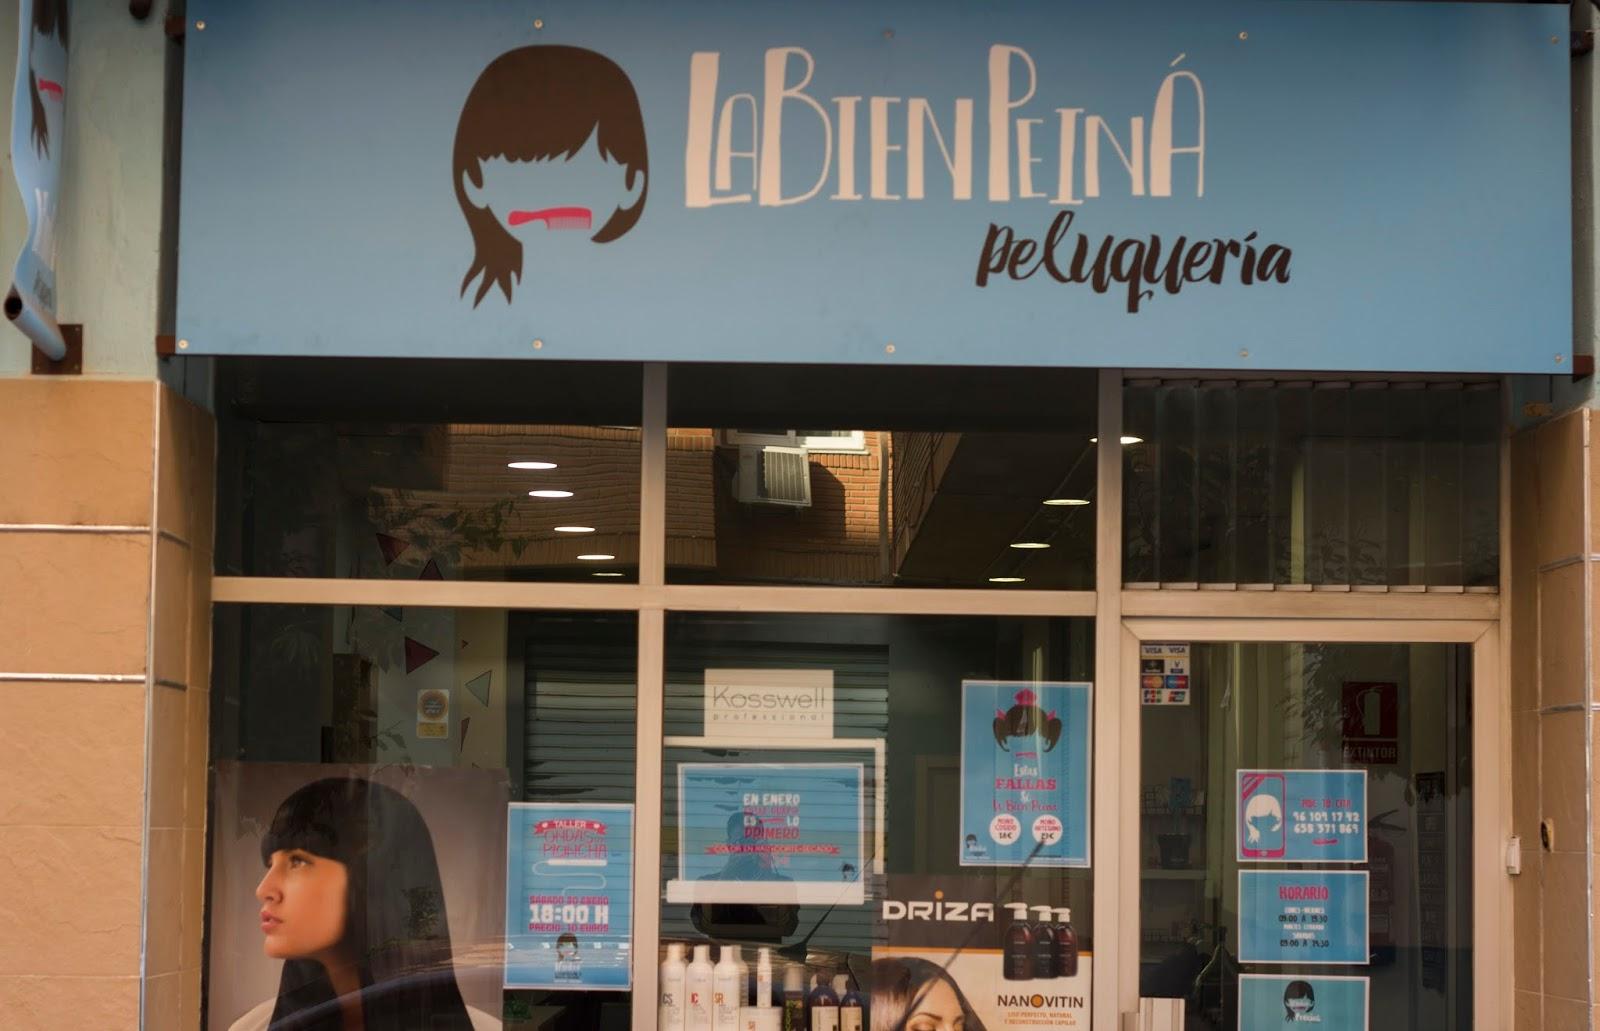 La bien peiná: mucho mas que una peluquería